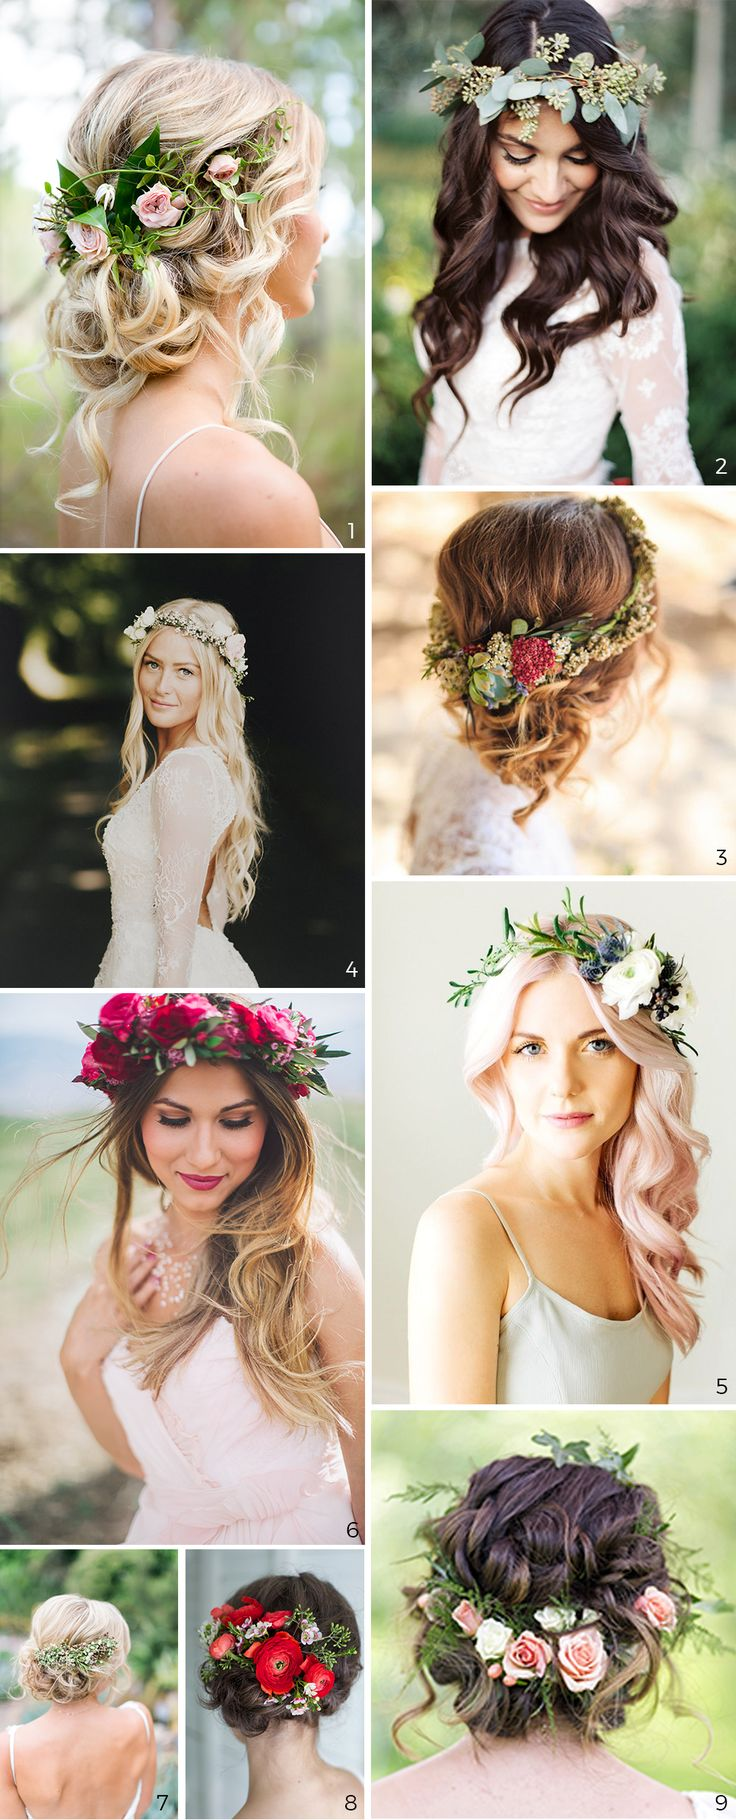 Coiffure de mariage : 5 tendances incontournables. 9 photos de coiffures avec des fleurs.